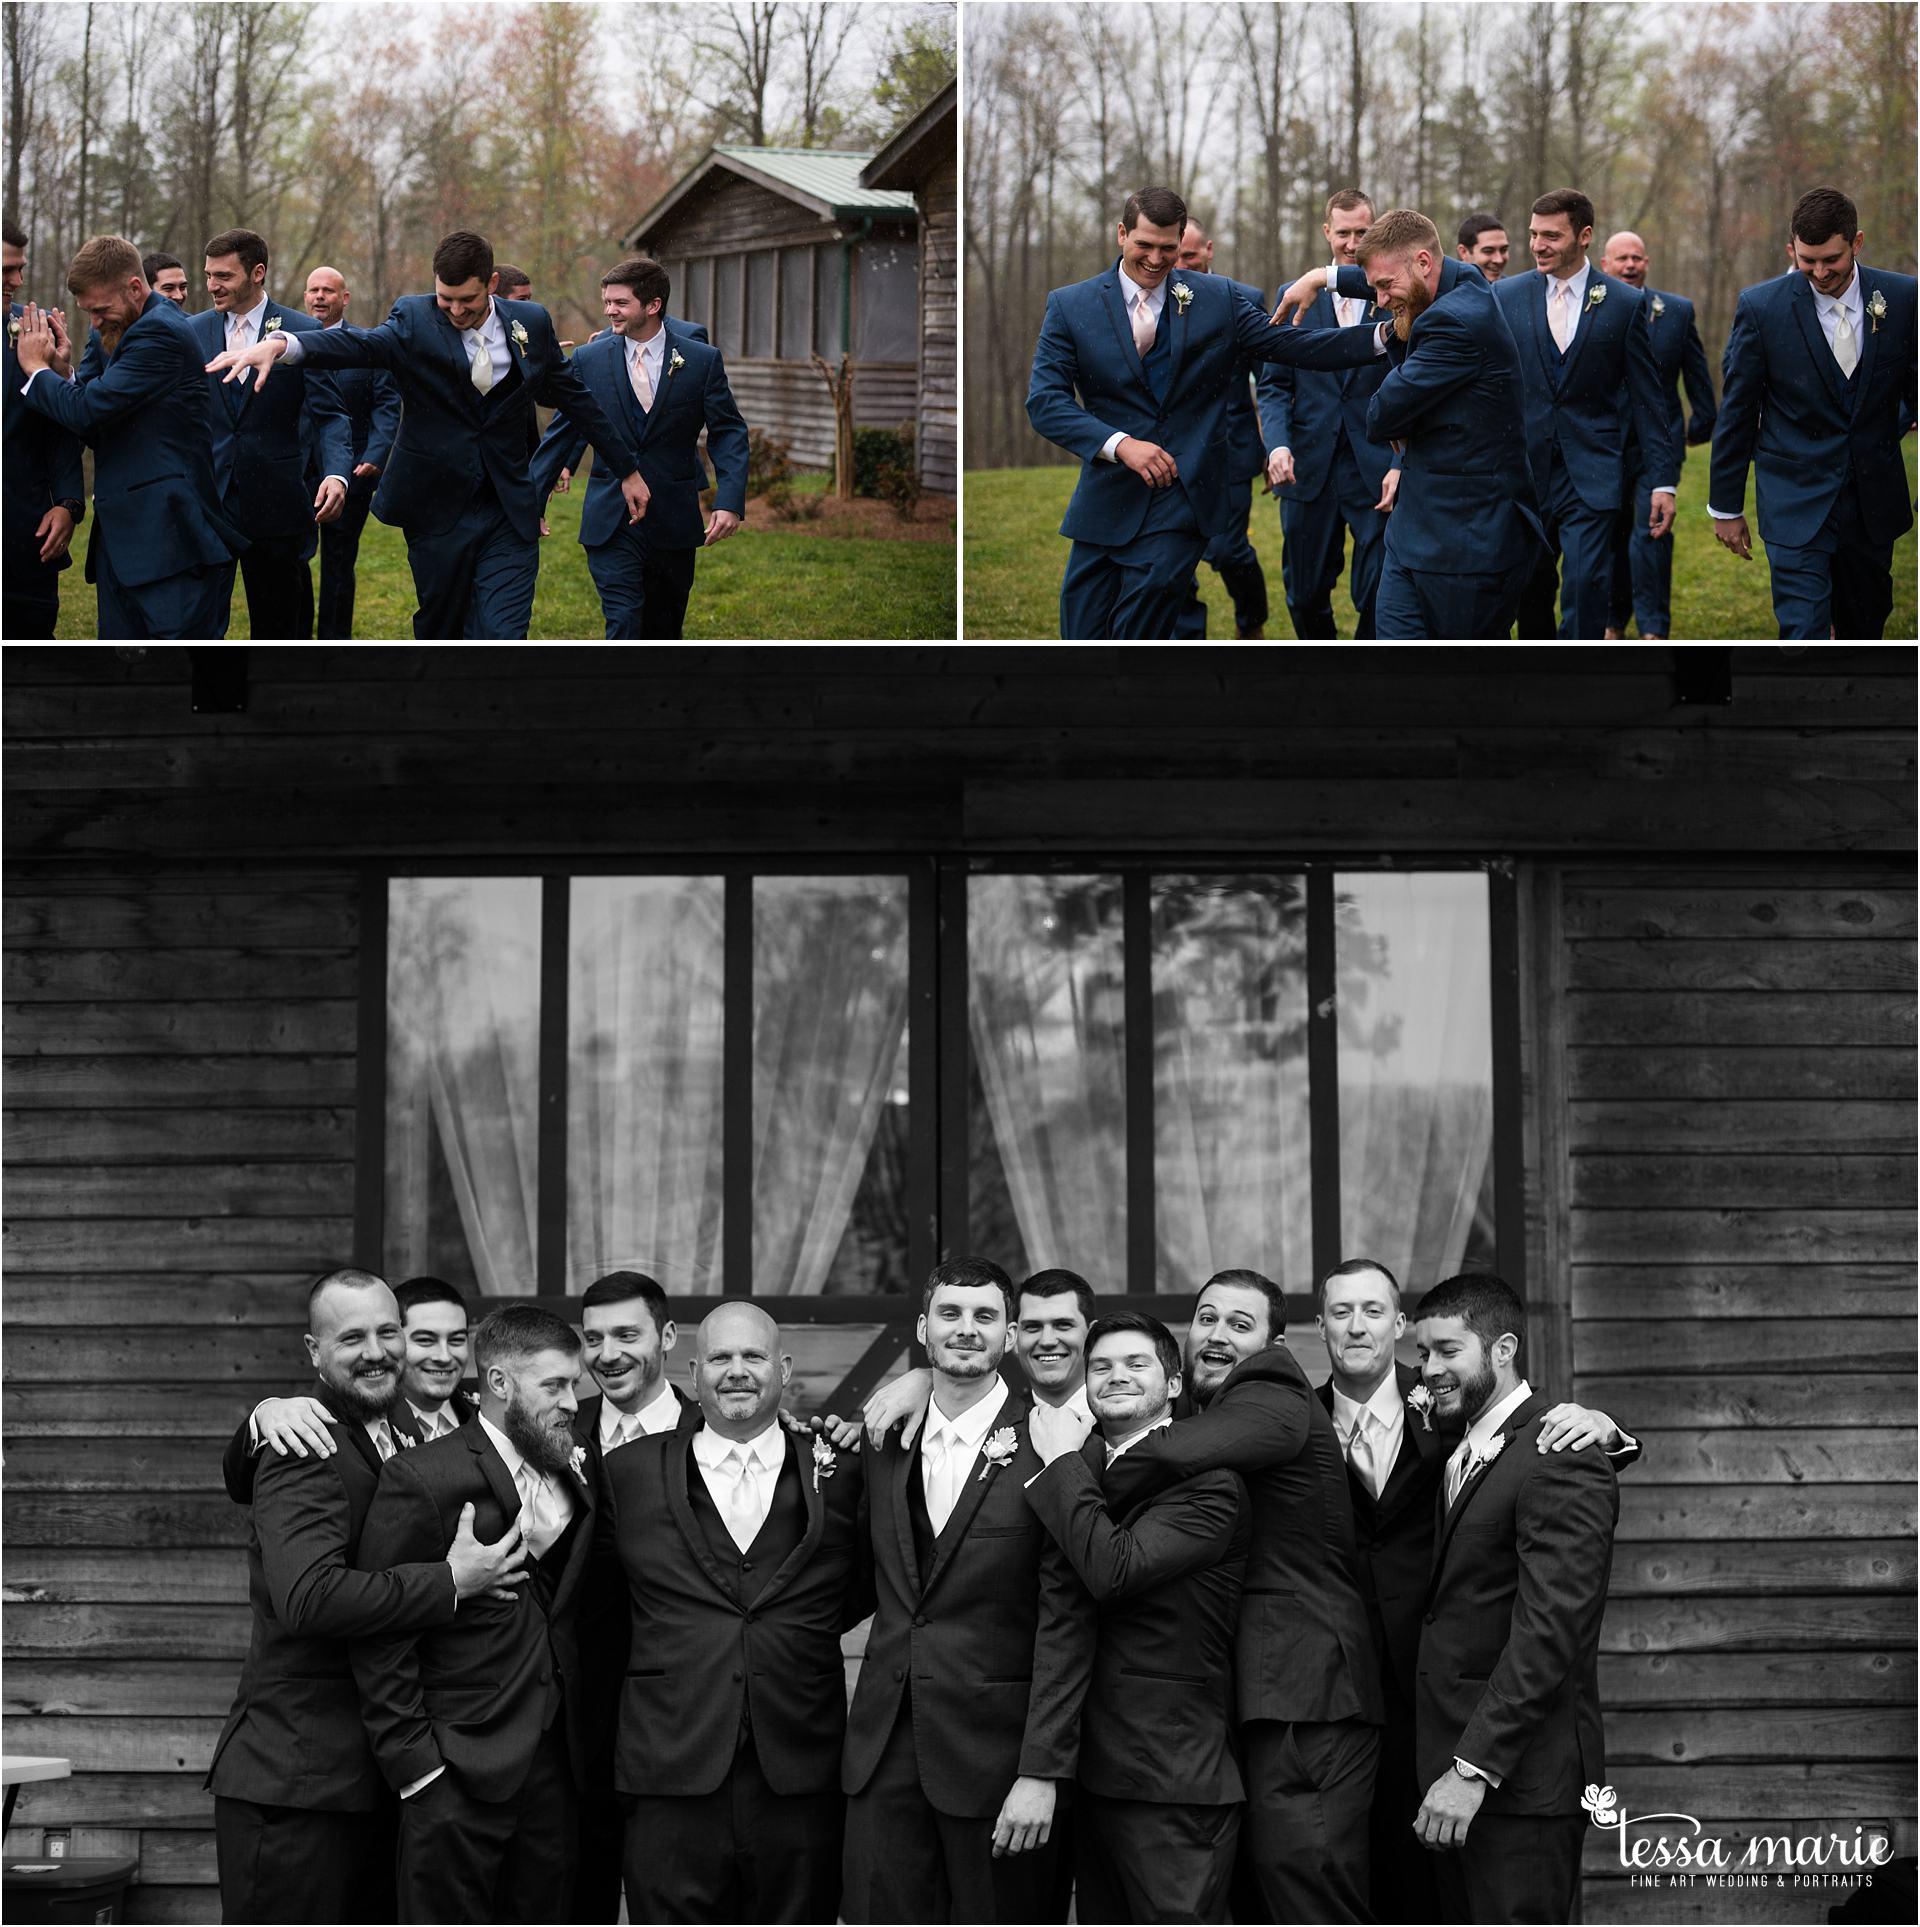 032216_brittany_kevin_wedding-81